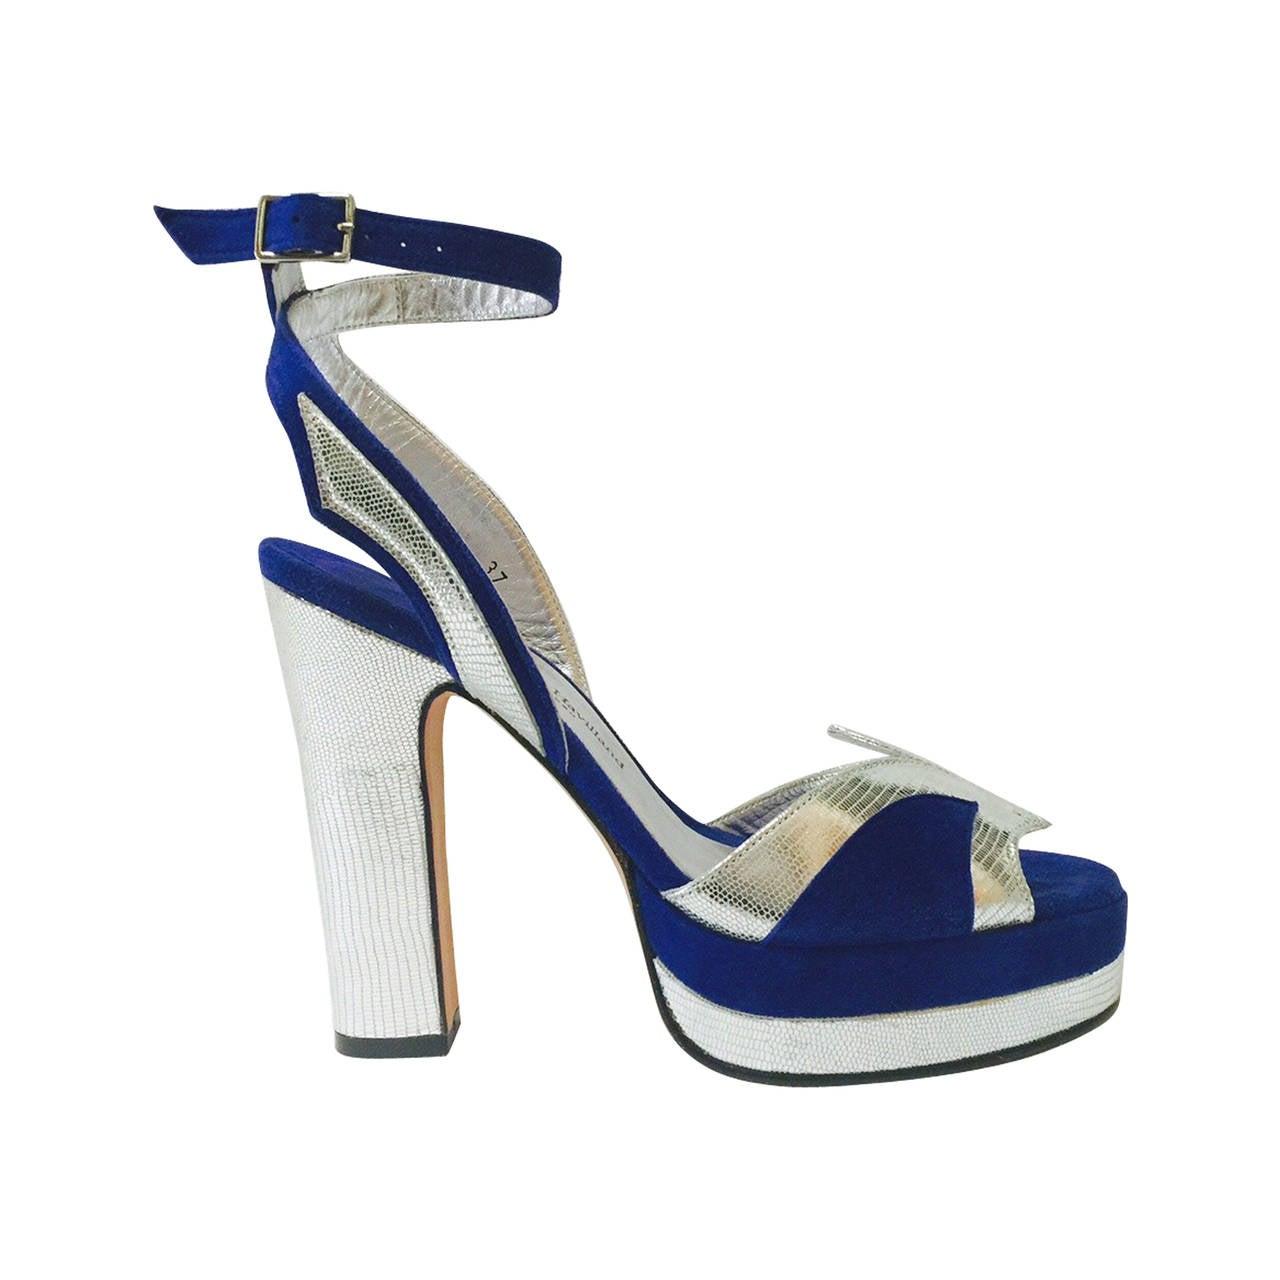 New Terry de Havilland Blue Suede Platform Stacked High Heel Sandals 1